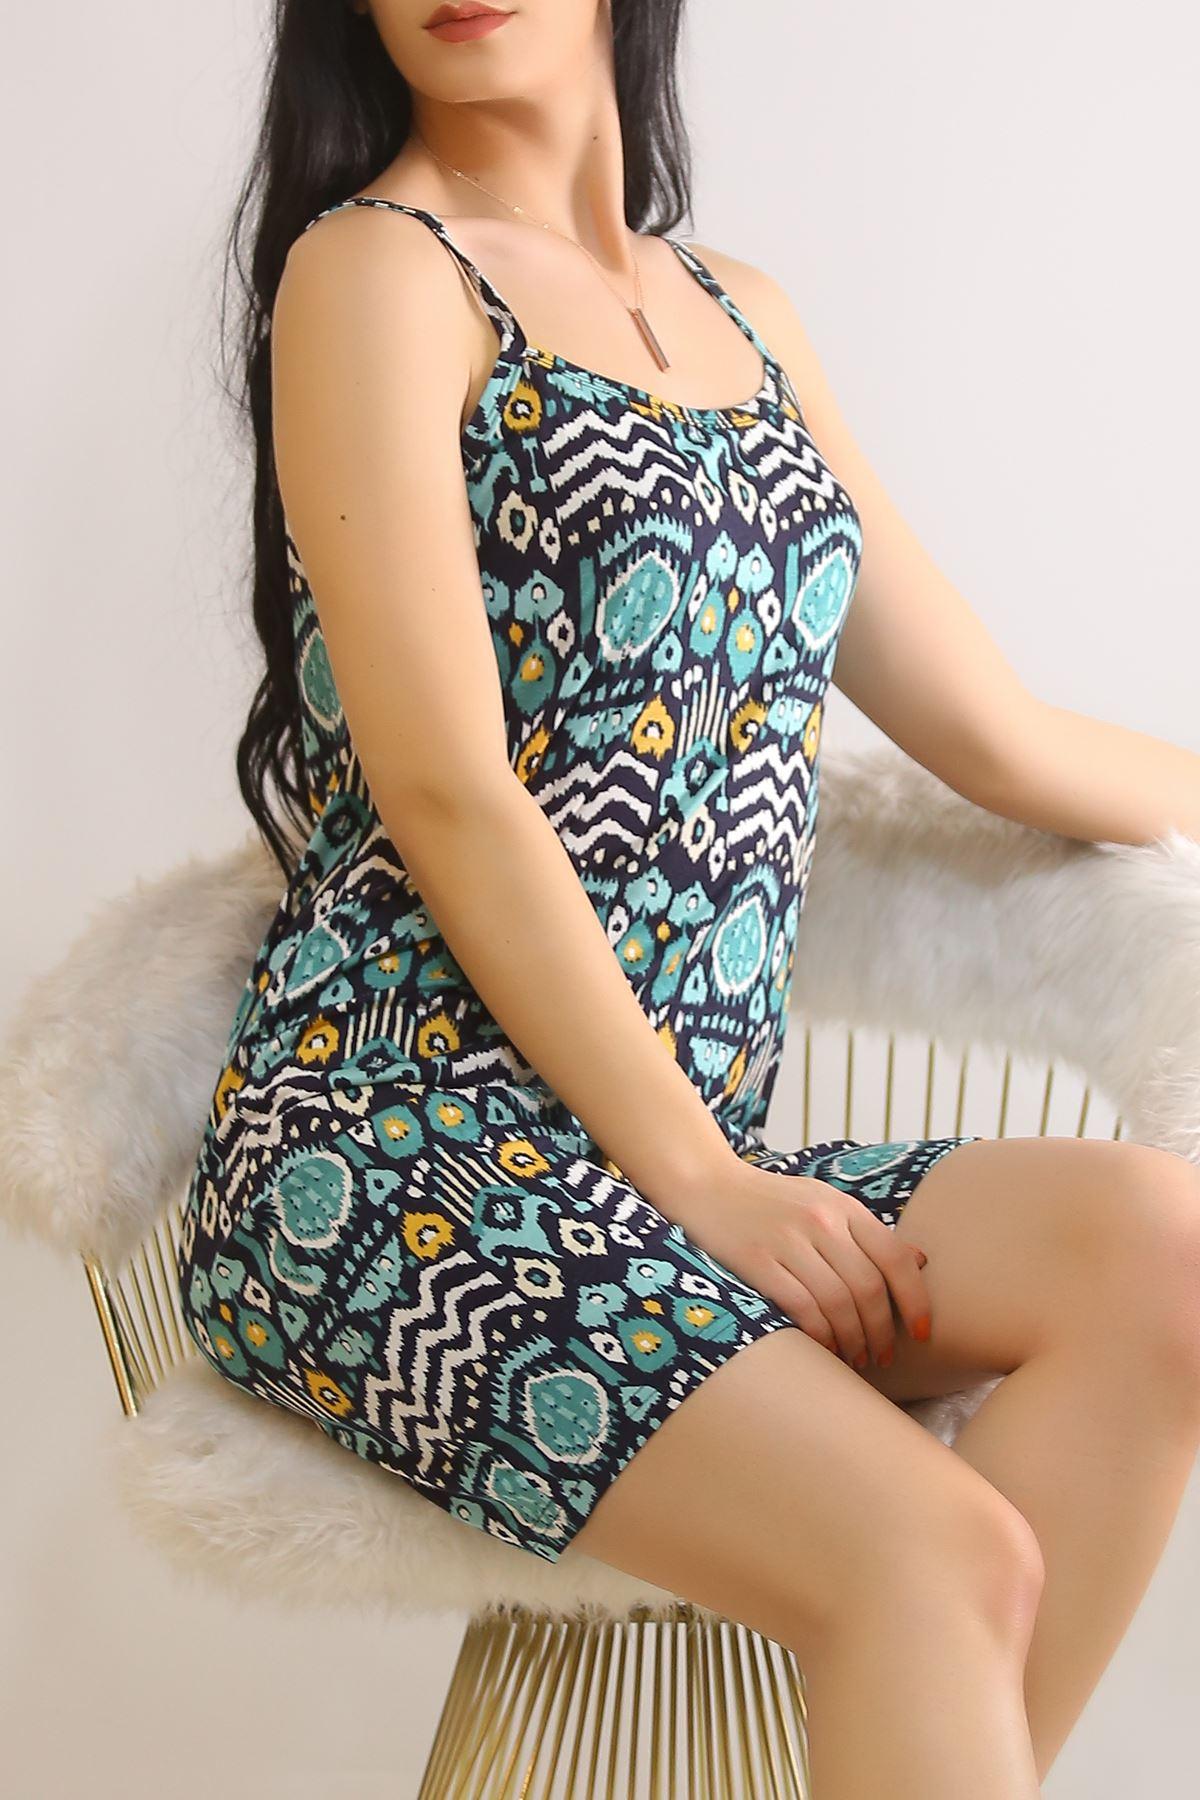 İp Askılı Elbise Mintdesenli - 5776.1287.